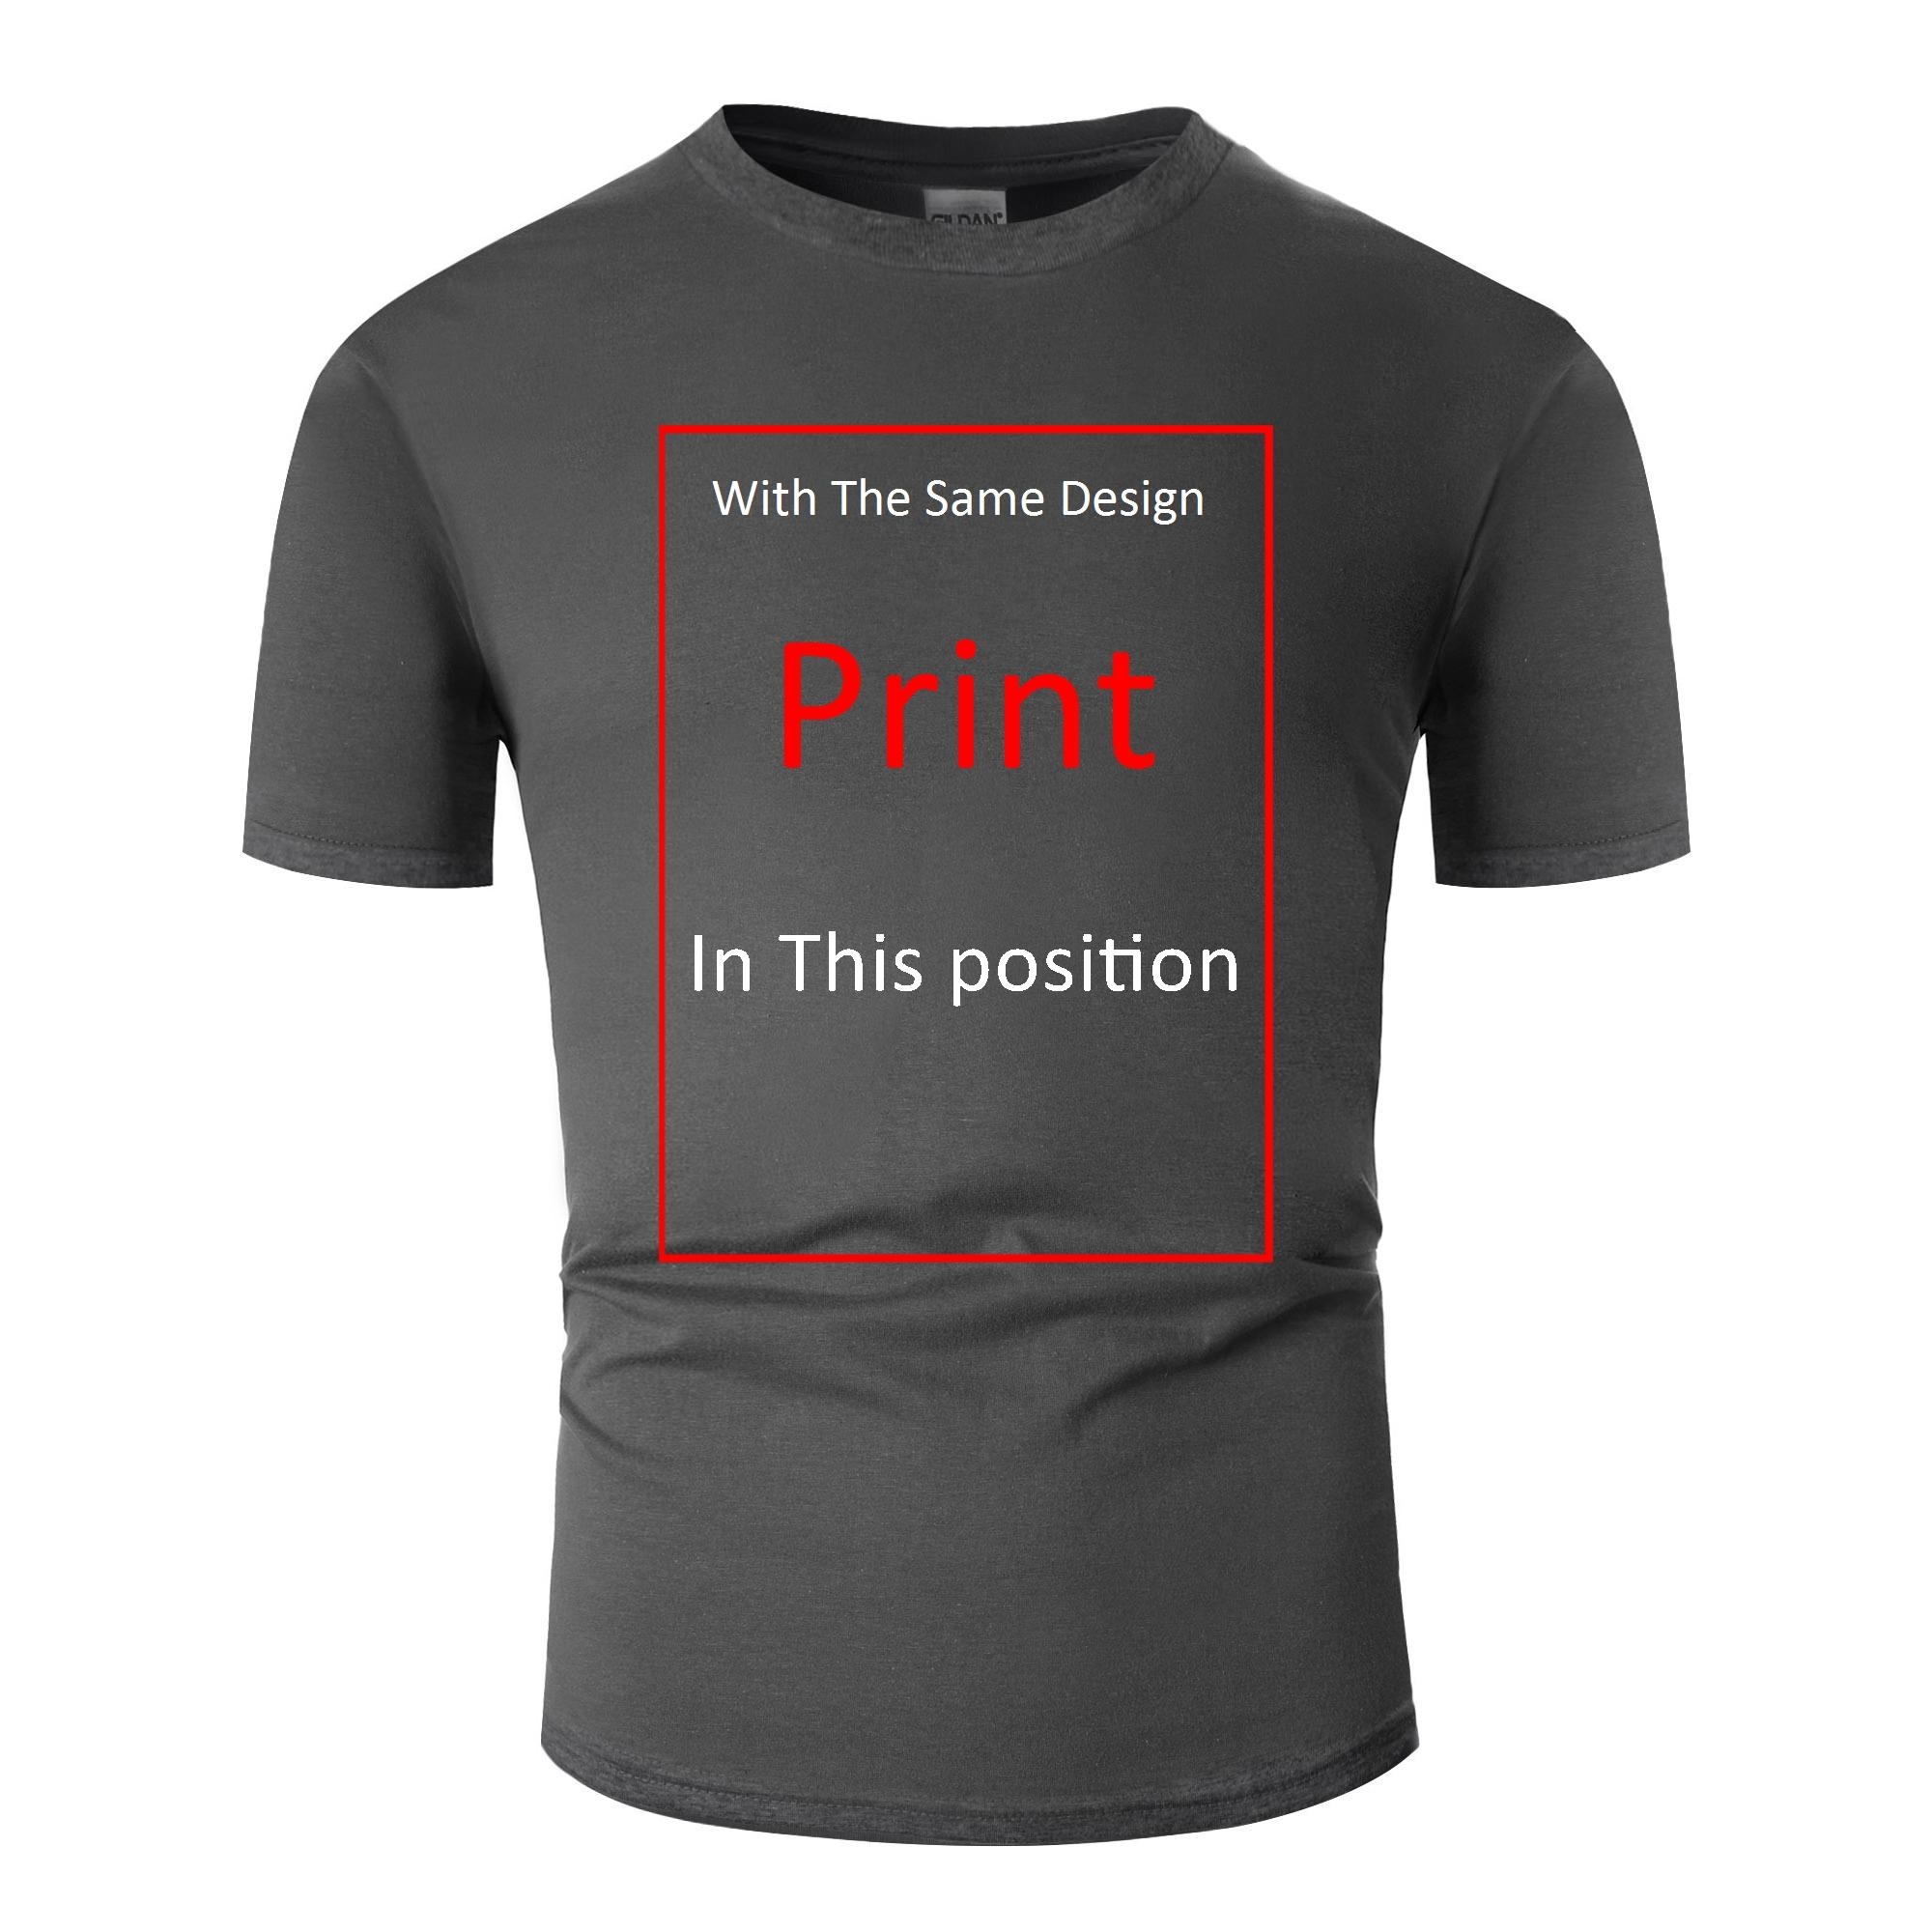 Мужская футболка с надписью «create urban planner», модель 2020 года, большие размеры, S-5XL, 100% хлопок, мужские футболки, топы в стиле хип-хоп(Китай)